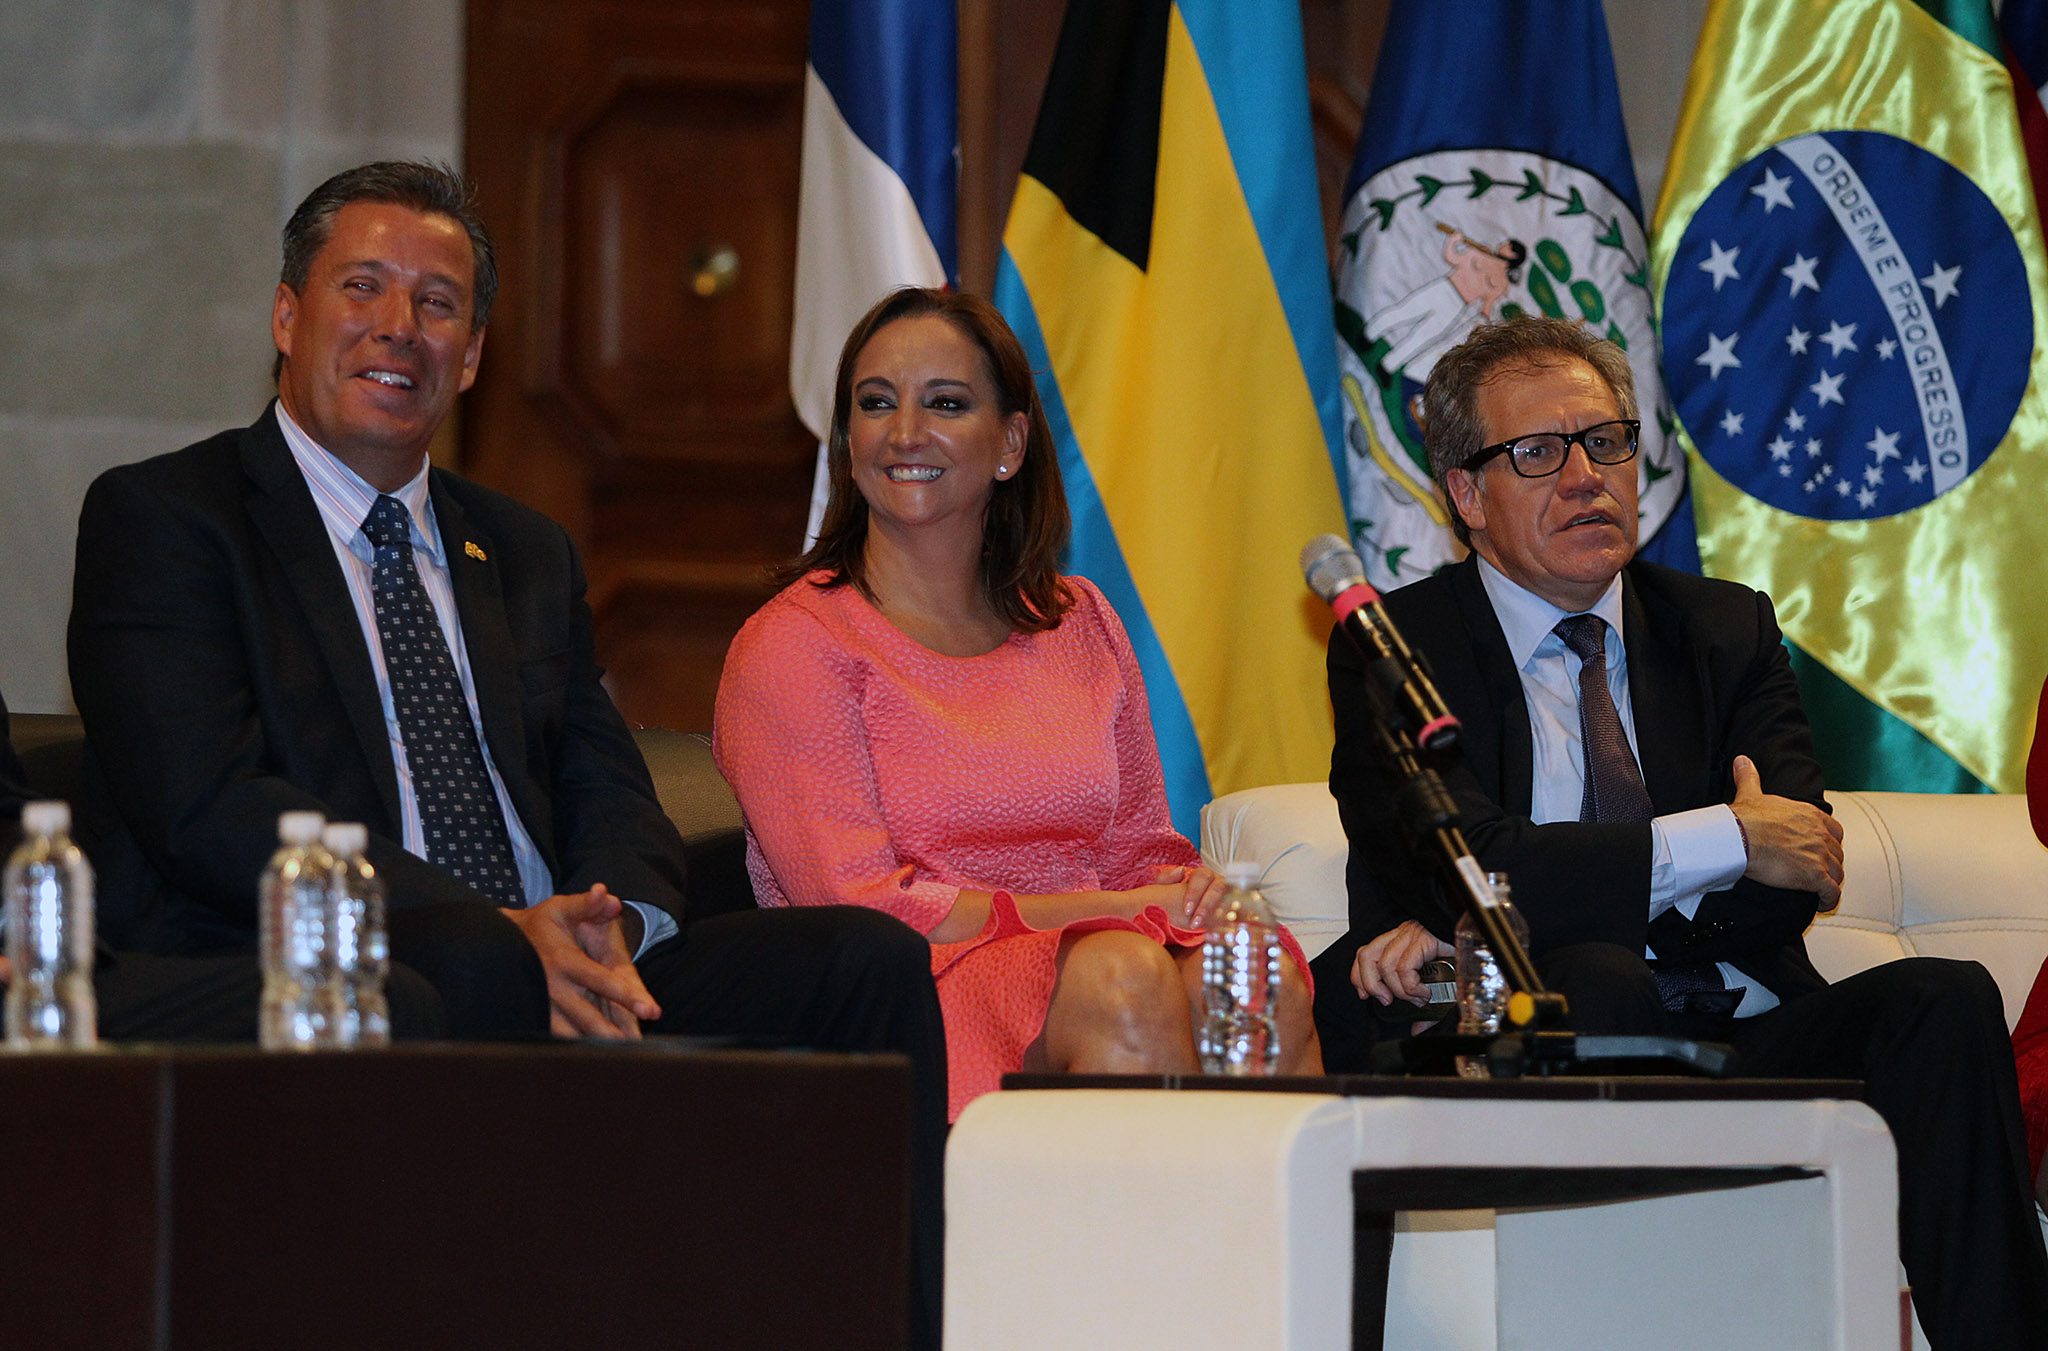 La canciller Claudia Ruiz Massieu participó en la XIV Asamblea General de la Confederación Parlamentaria de las Américas